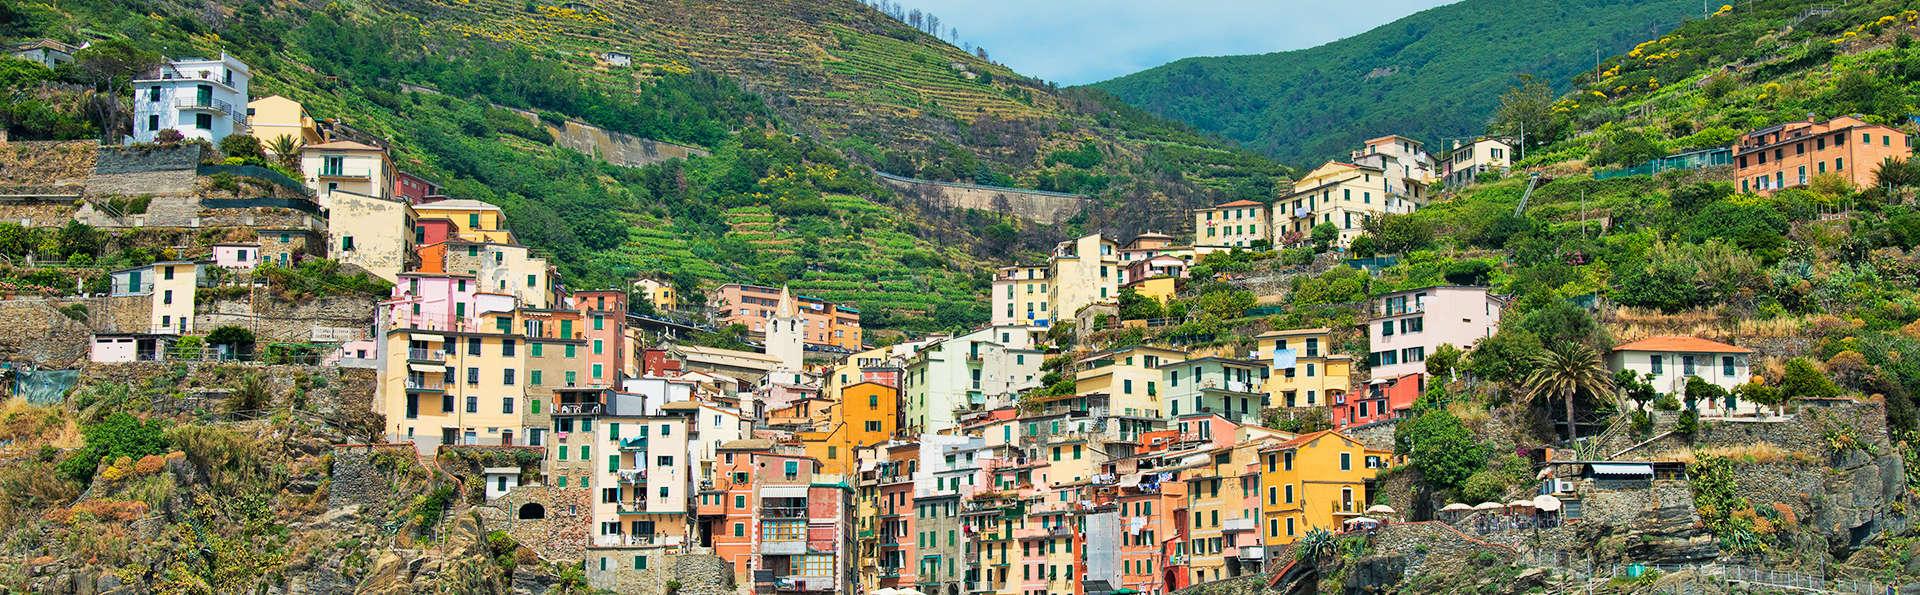 Loano 2 Village - edit_1_riomaggiore_2012.jpg